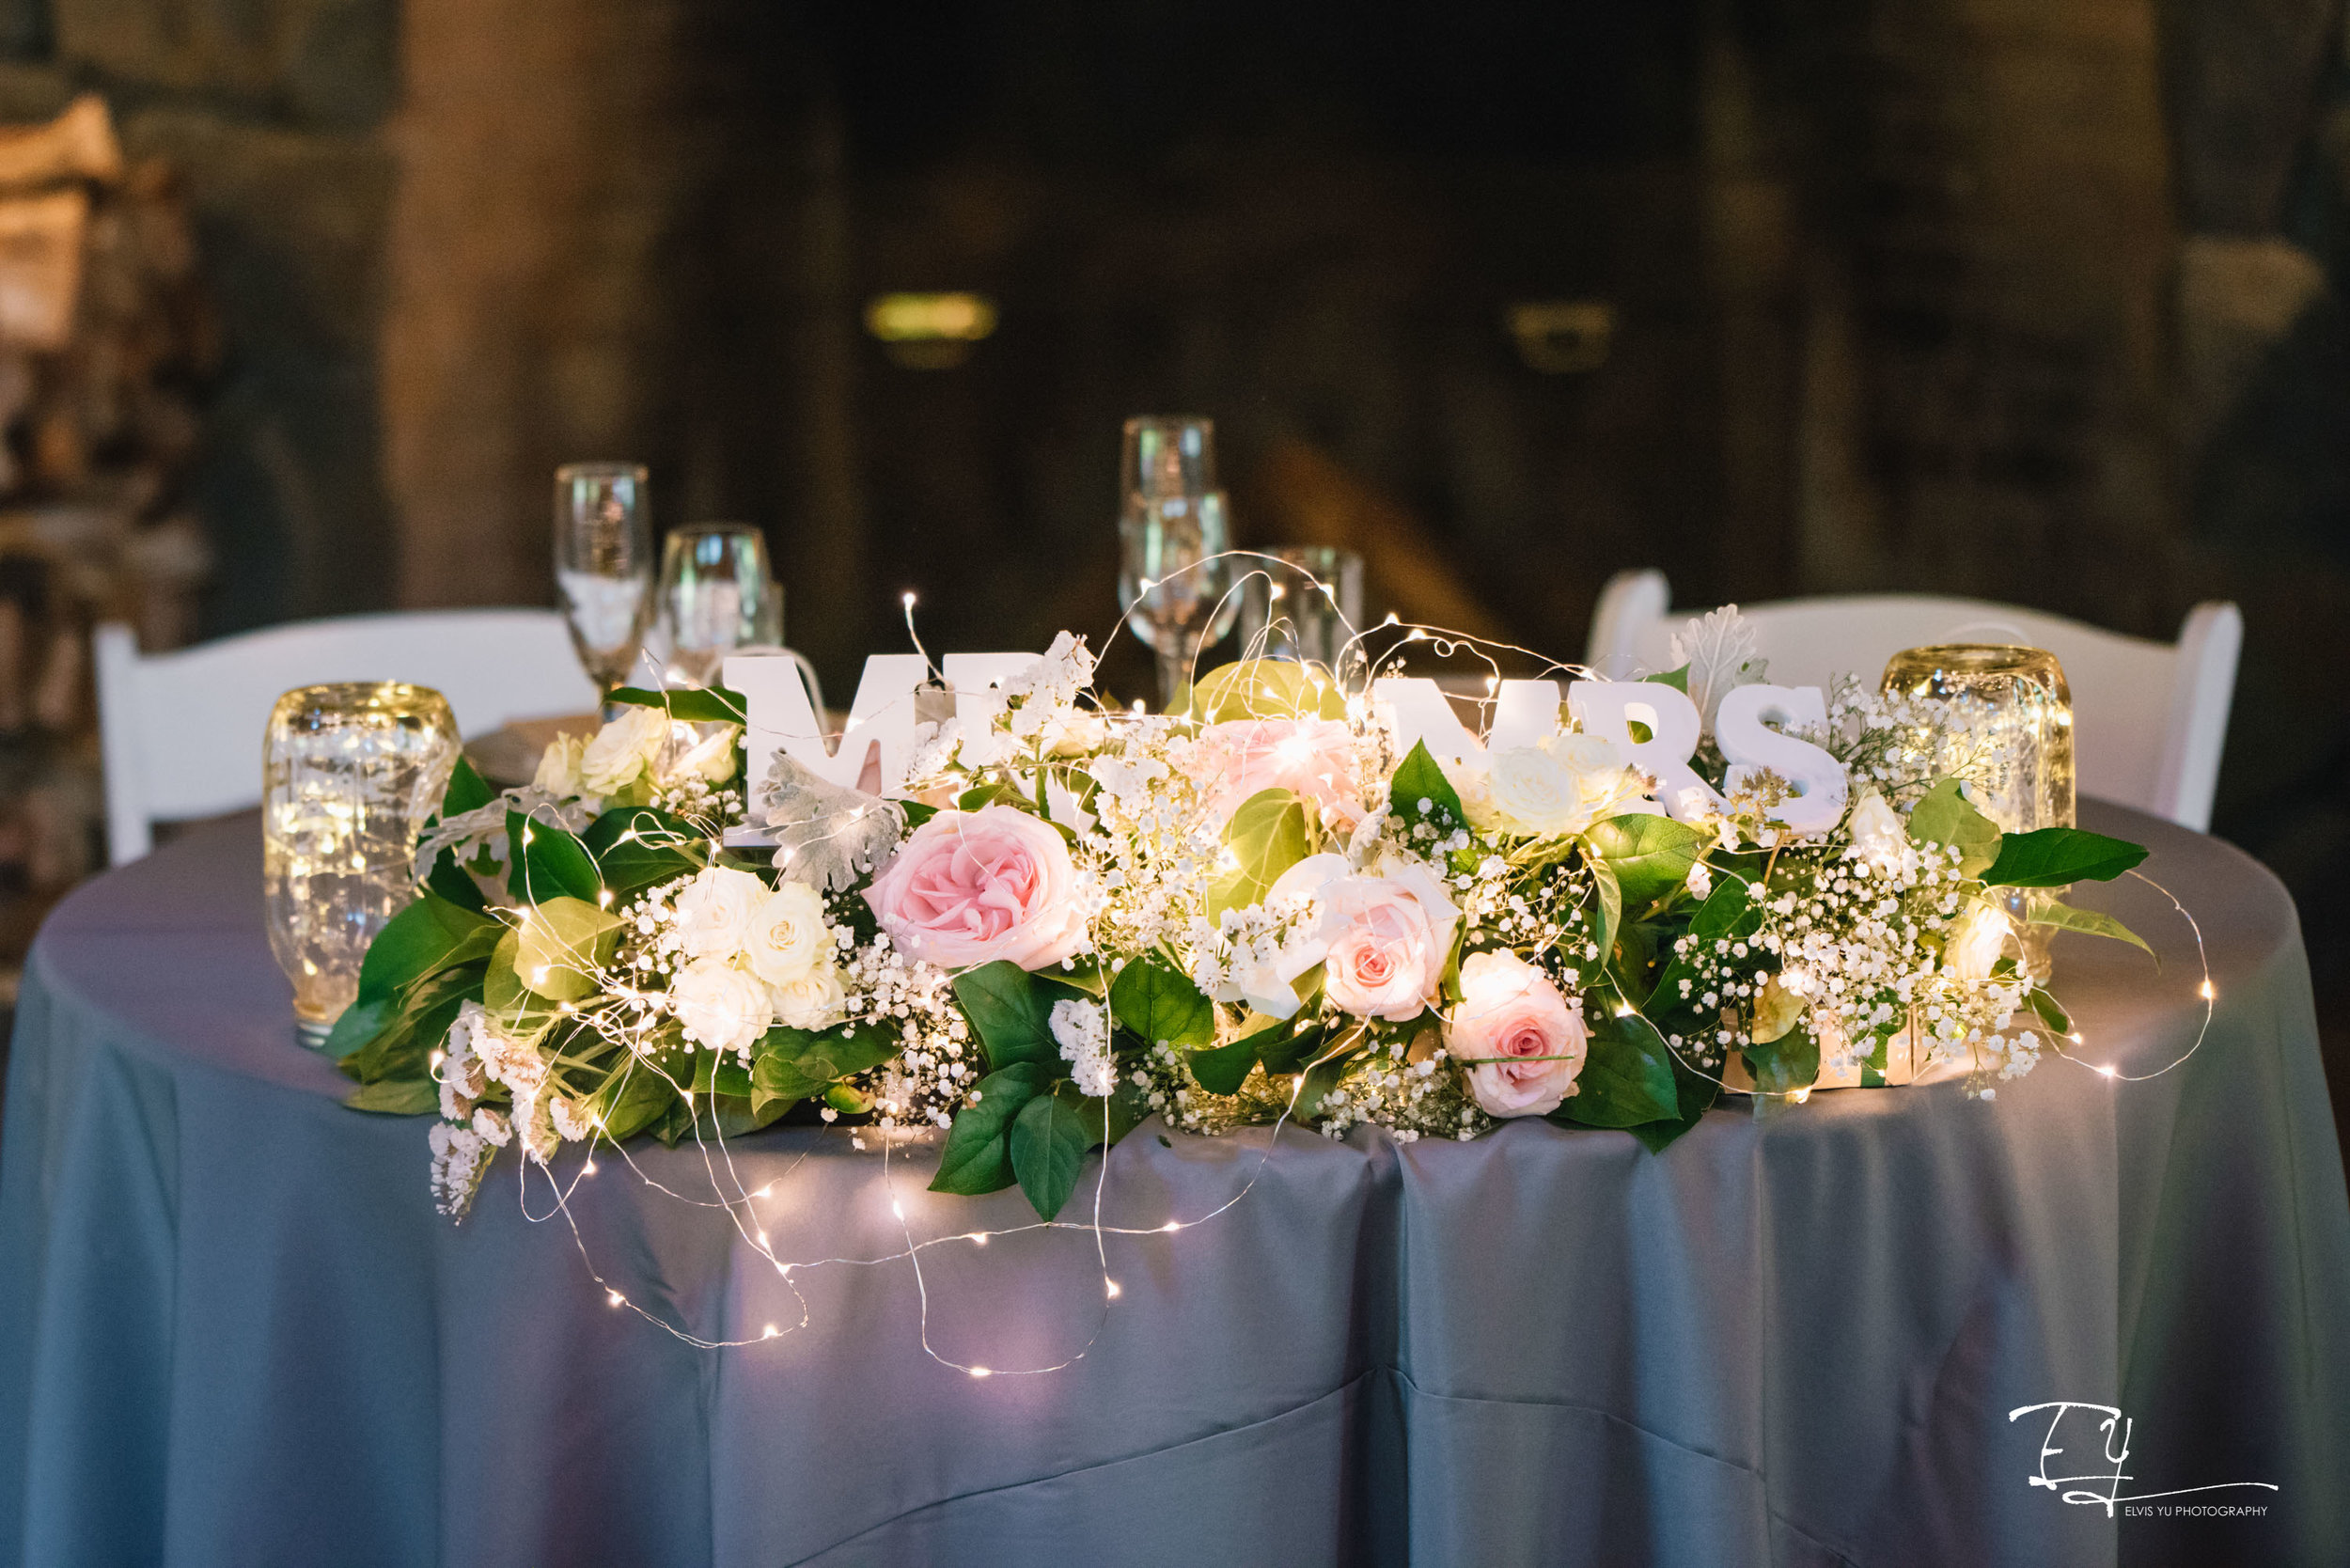 mona-zi-wedding-elvis-yu-photography-nestldown-2.jpg